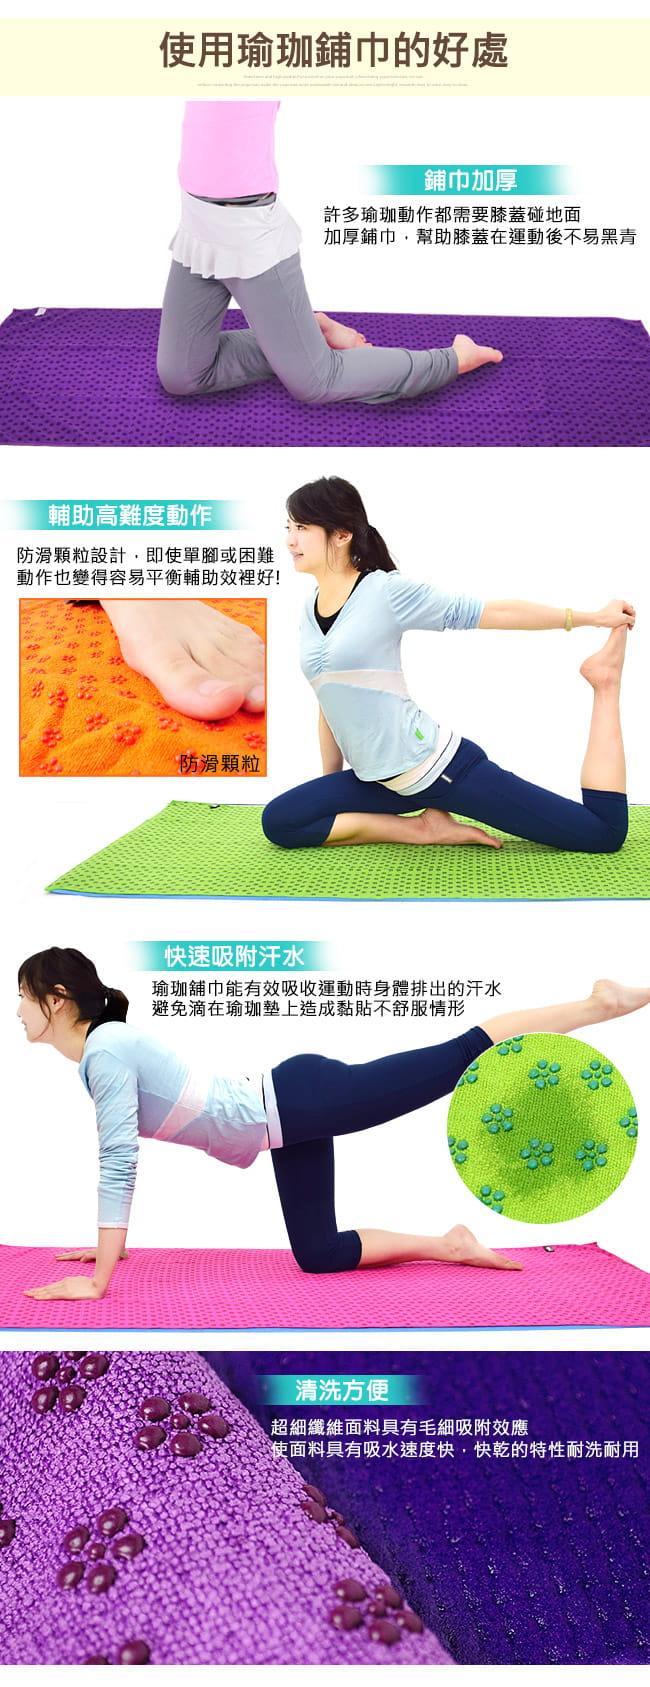 100%超細纖維瑜珈鋪巾(送收納袋) 運動鋪巾瑜珈墊 4